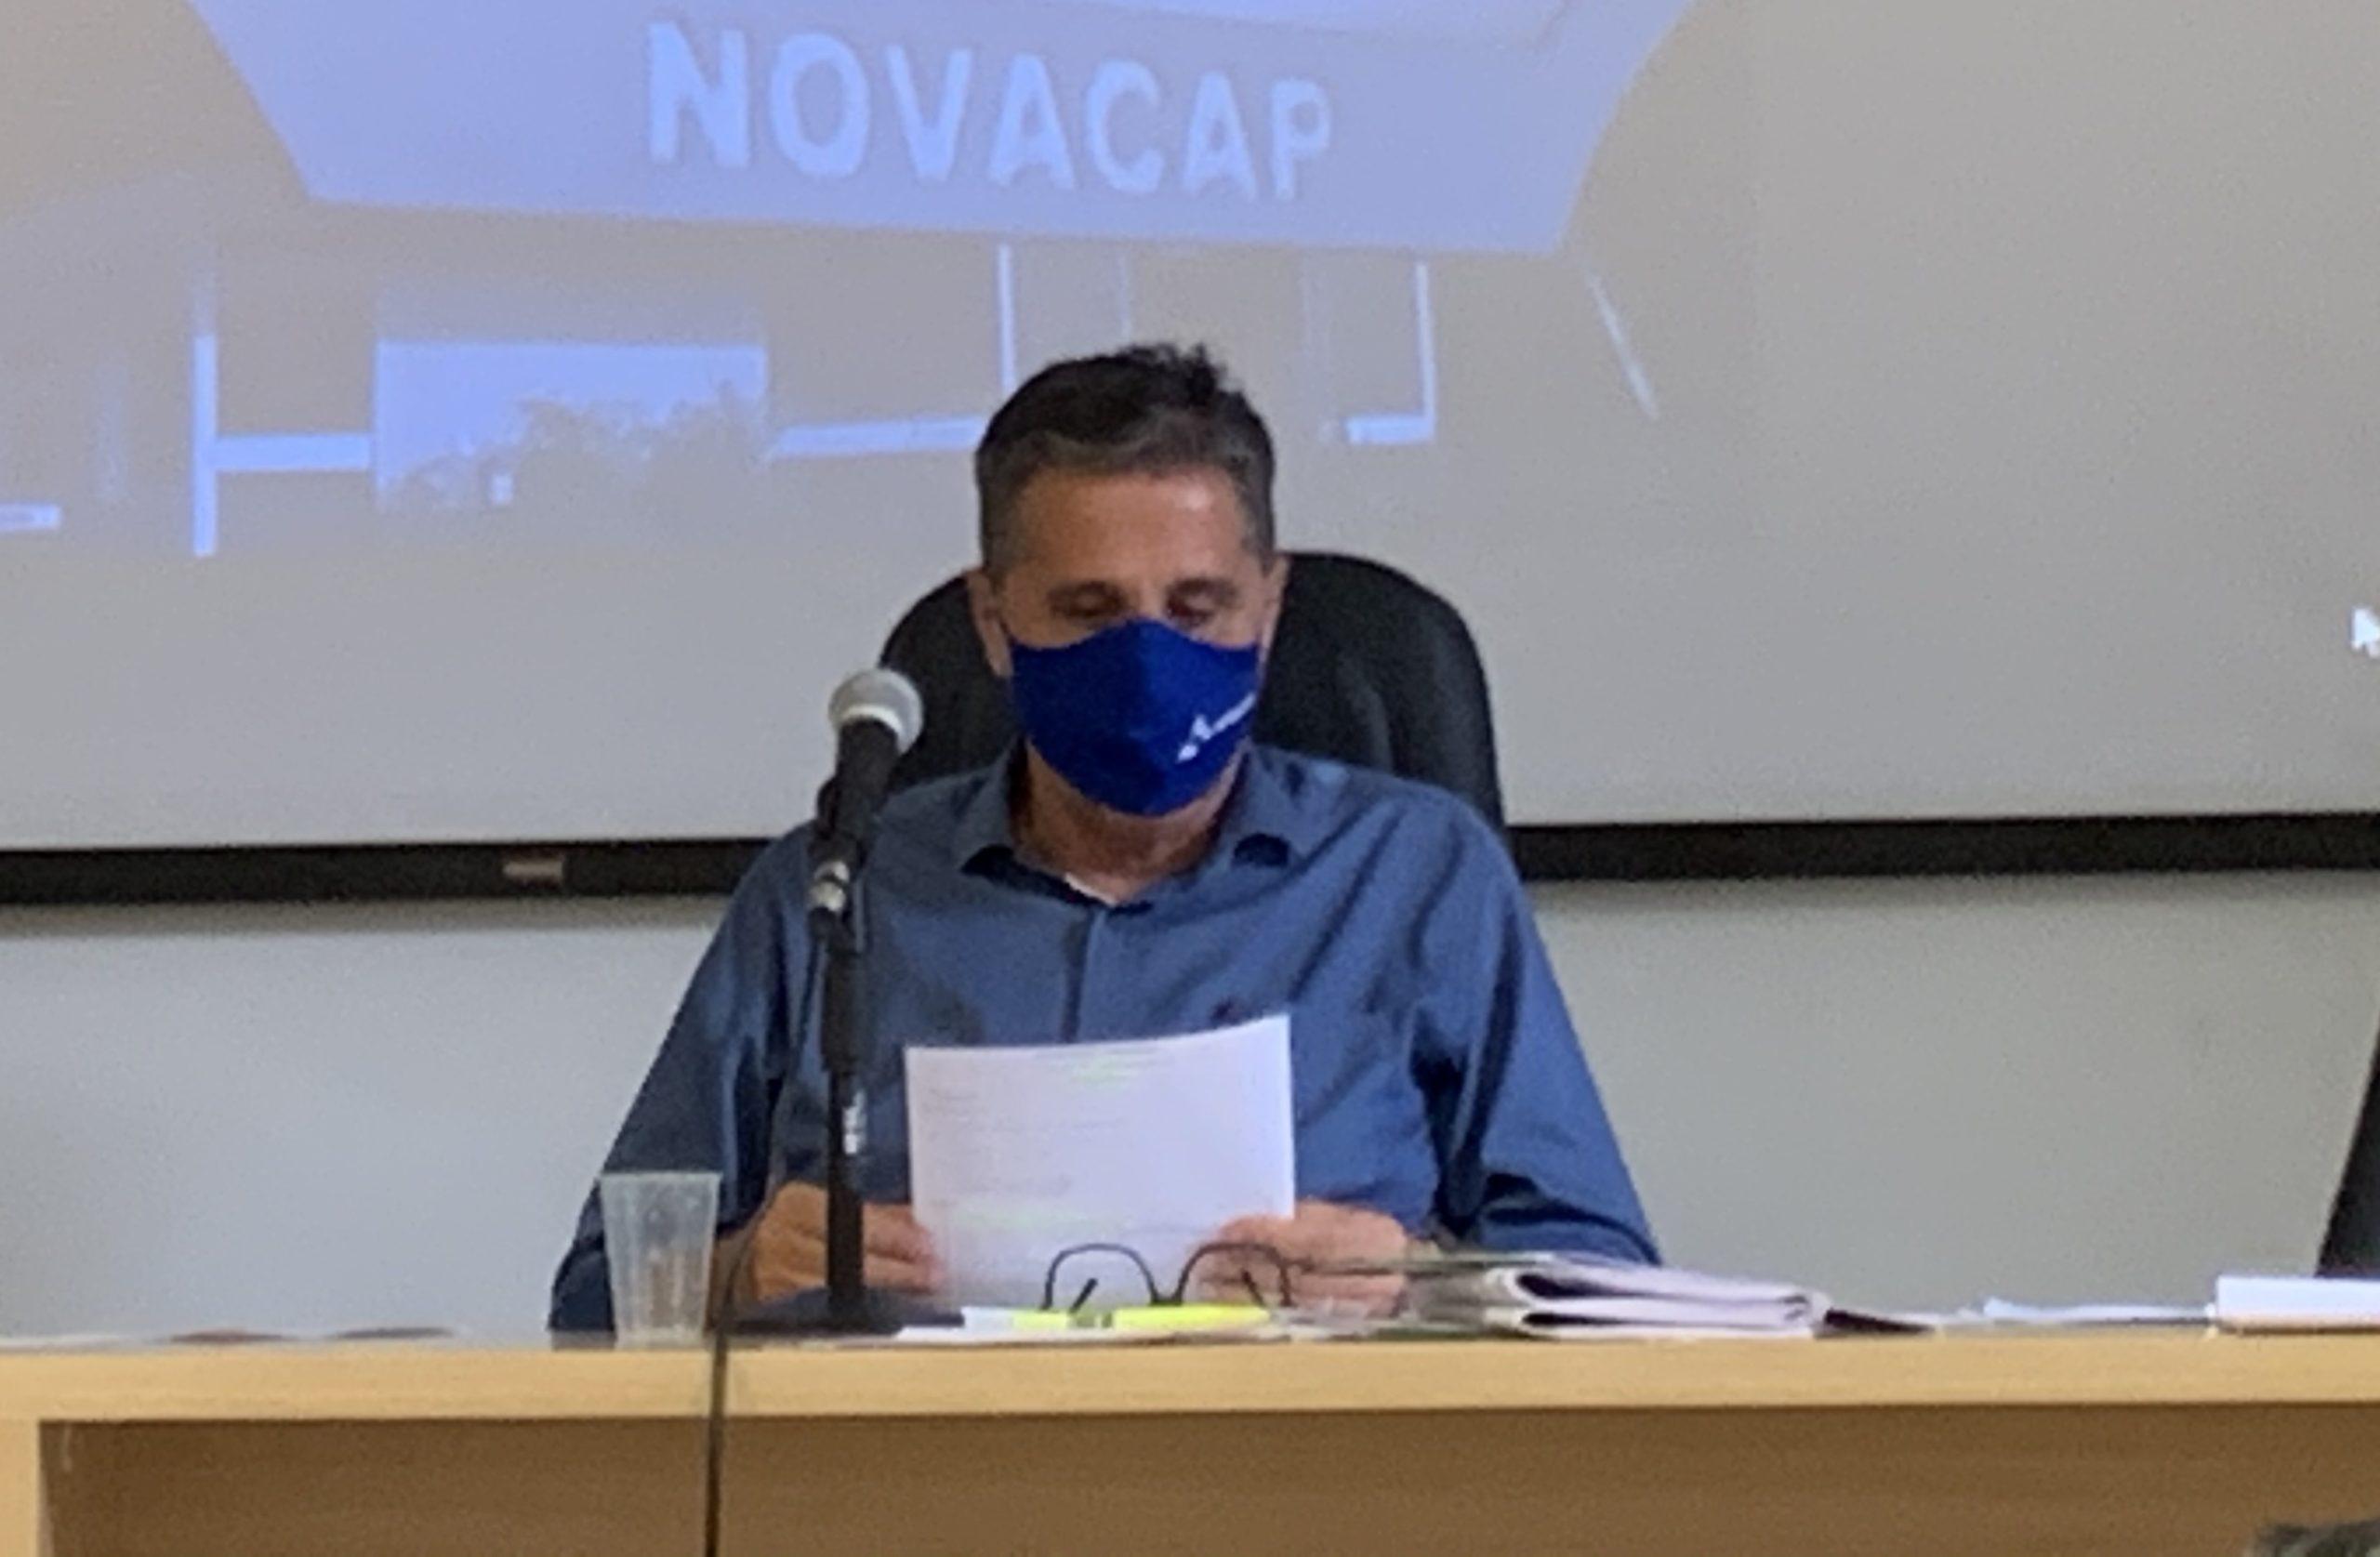 ENTREVISTA FERNANDO LEITE | Novacap está se preparando para ser mais ágil e moderna